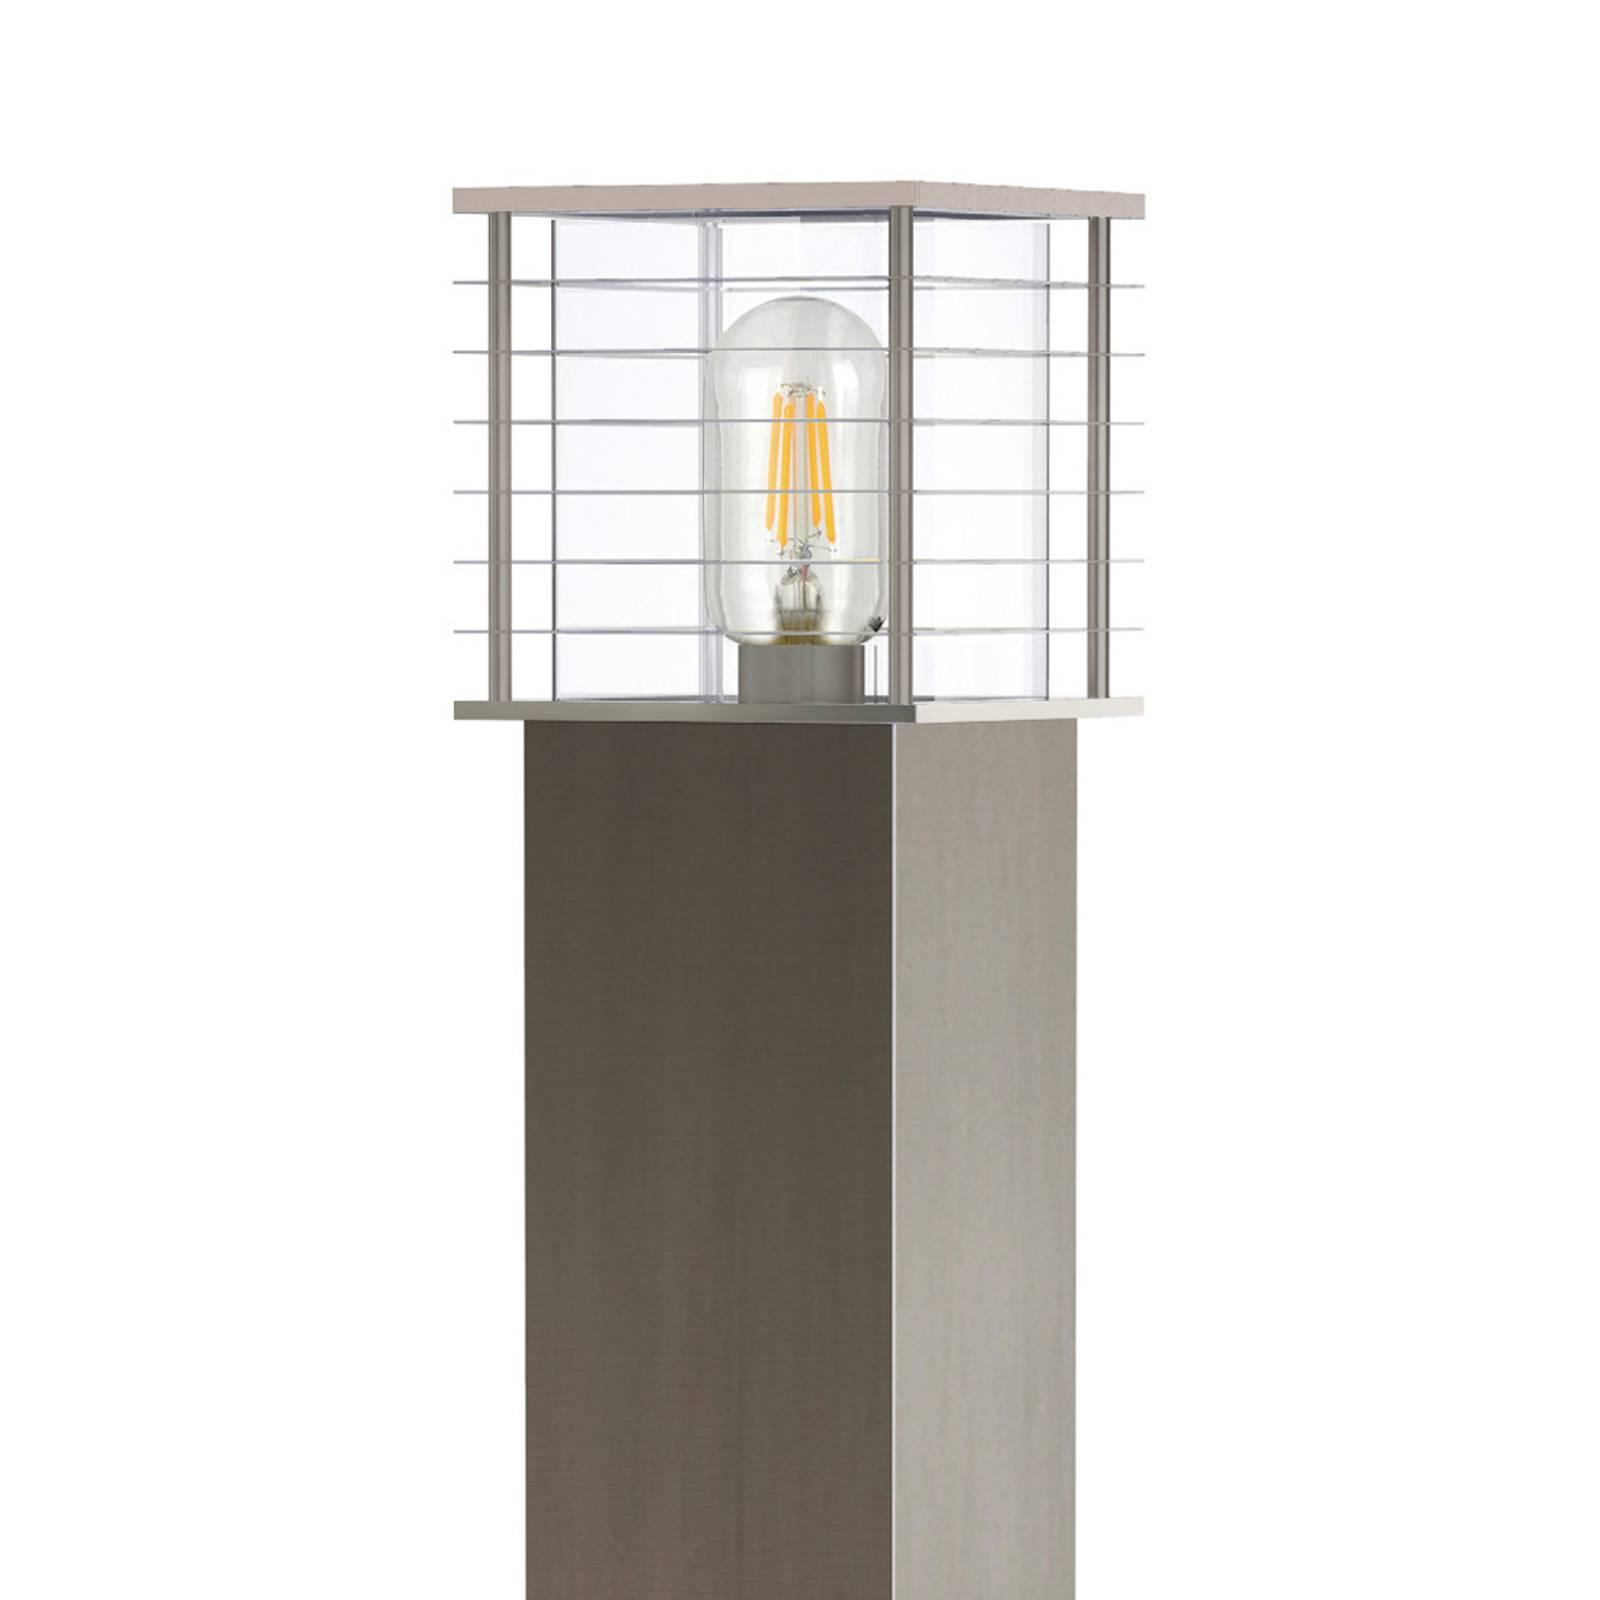 Lindby Liddi -pollarilamppu, kulmikas, harmaa